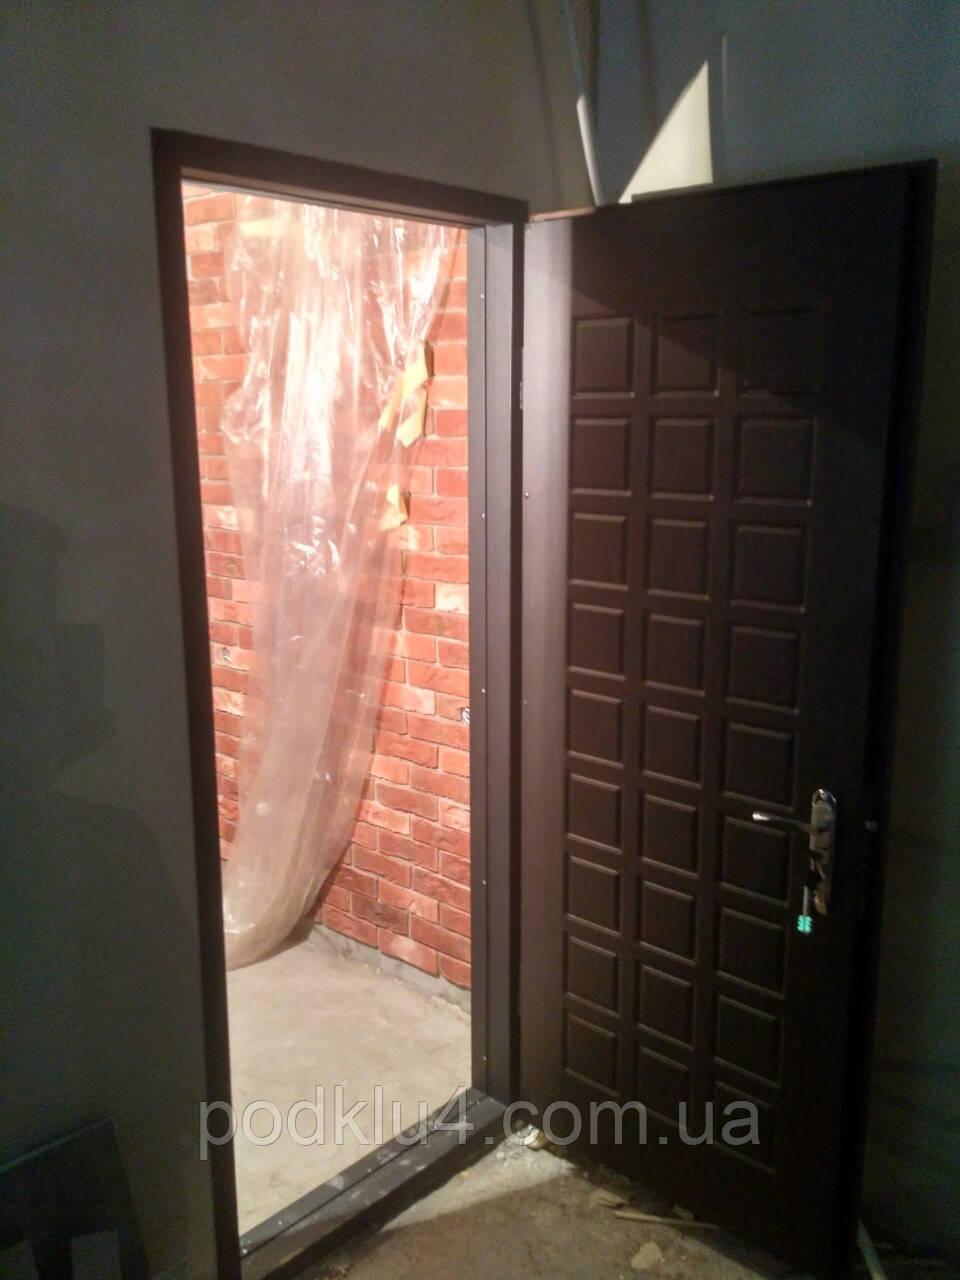 Бронированные двери с обратной луткой в гипсокартоновую перегородку